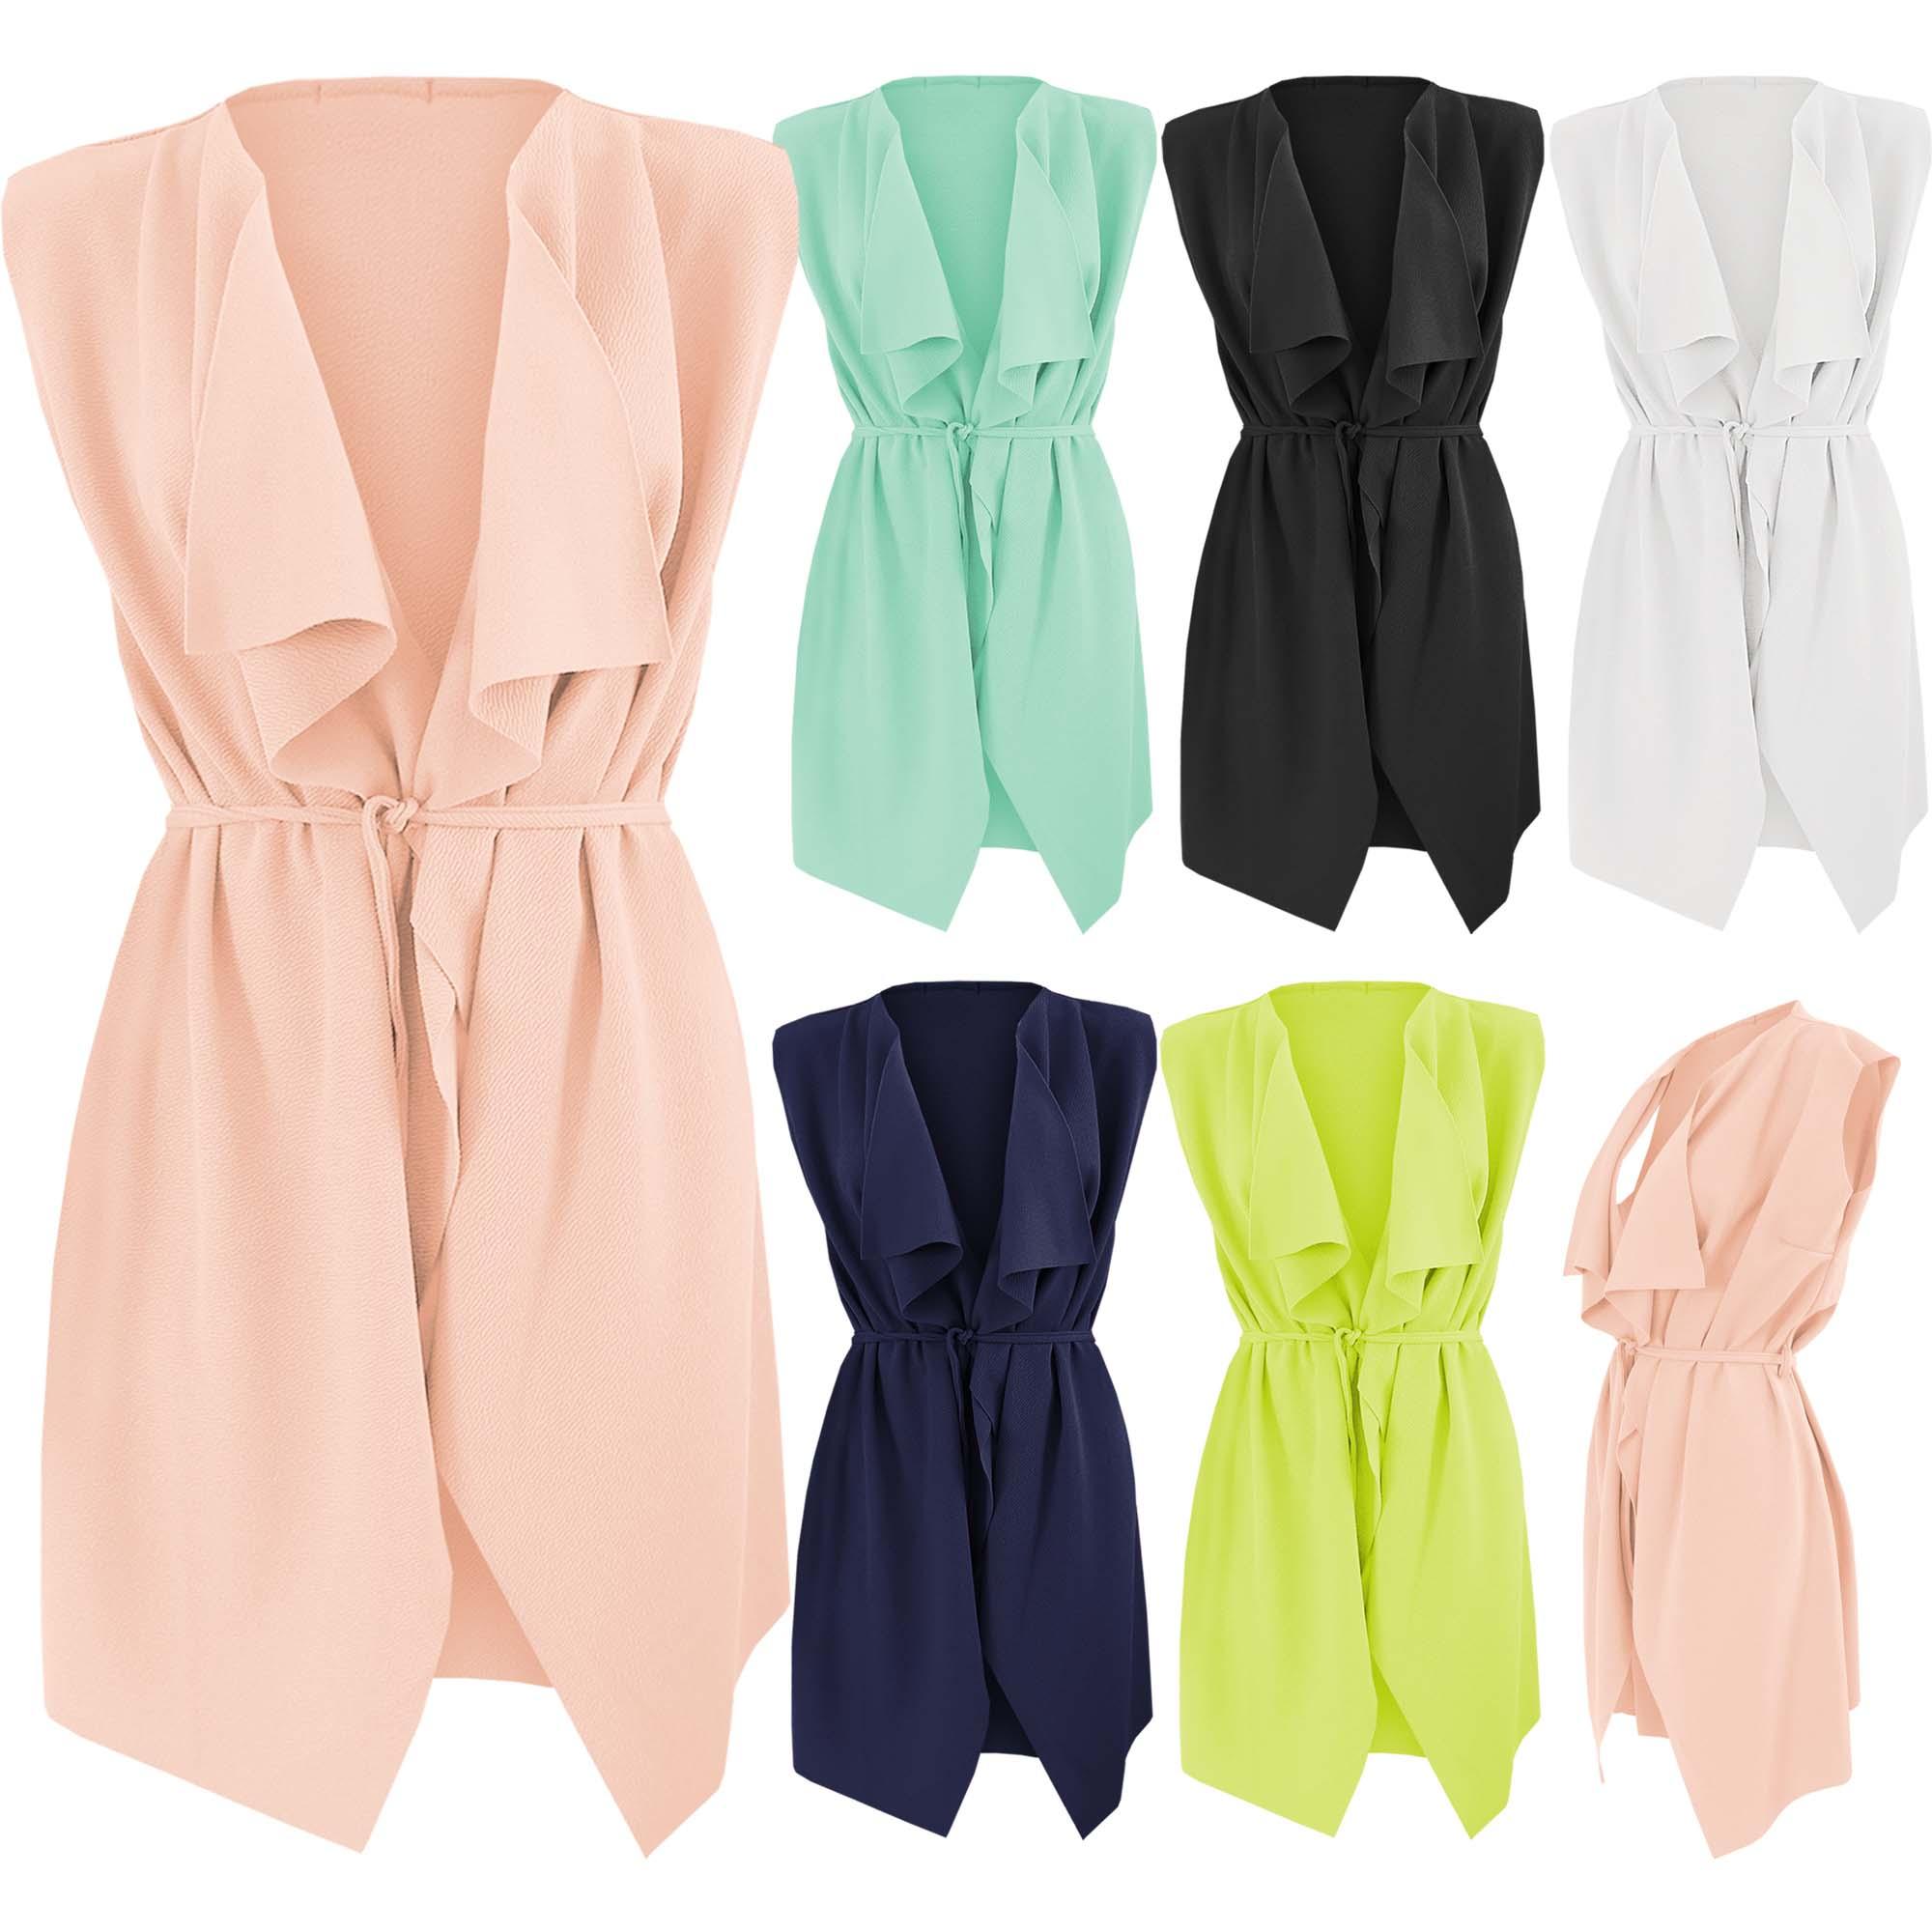 femme long chute d 39 eau veste duster femmes sans manches ceinture gilet look haut ebay. Black Bedroom Furniture Sets. Home Design Ideas